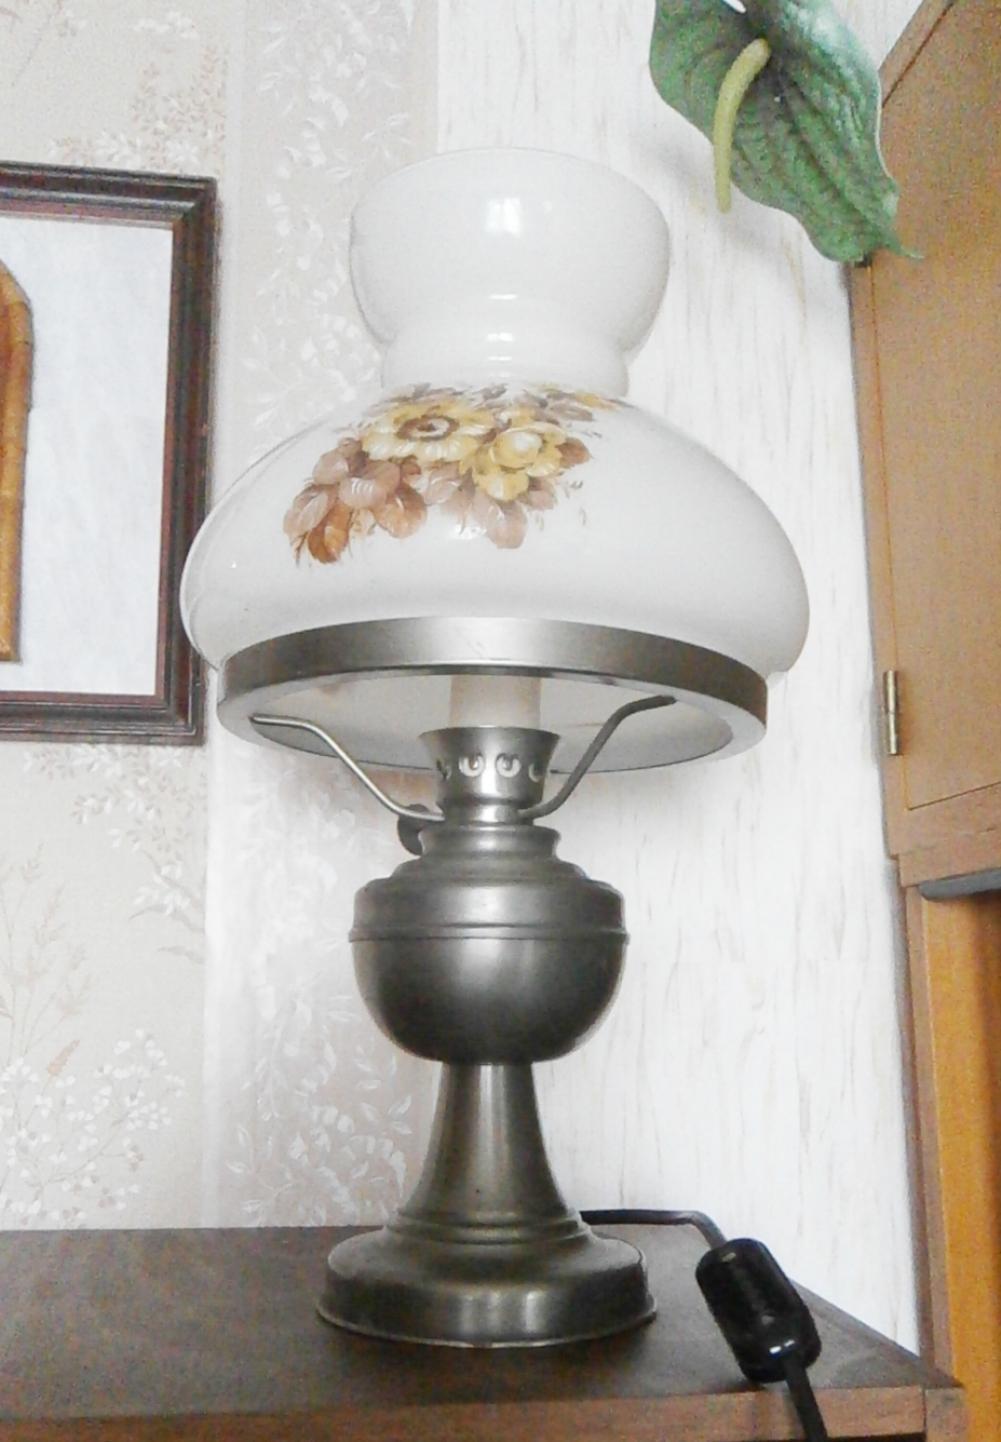 Lampa elektrická petrolejka kovový podstavec, malovaný skleněný kryt - Obrázek č. 1